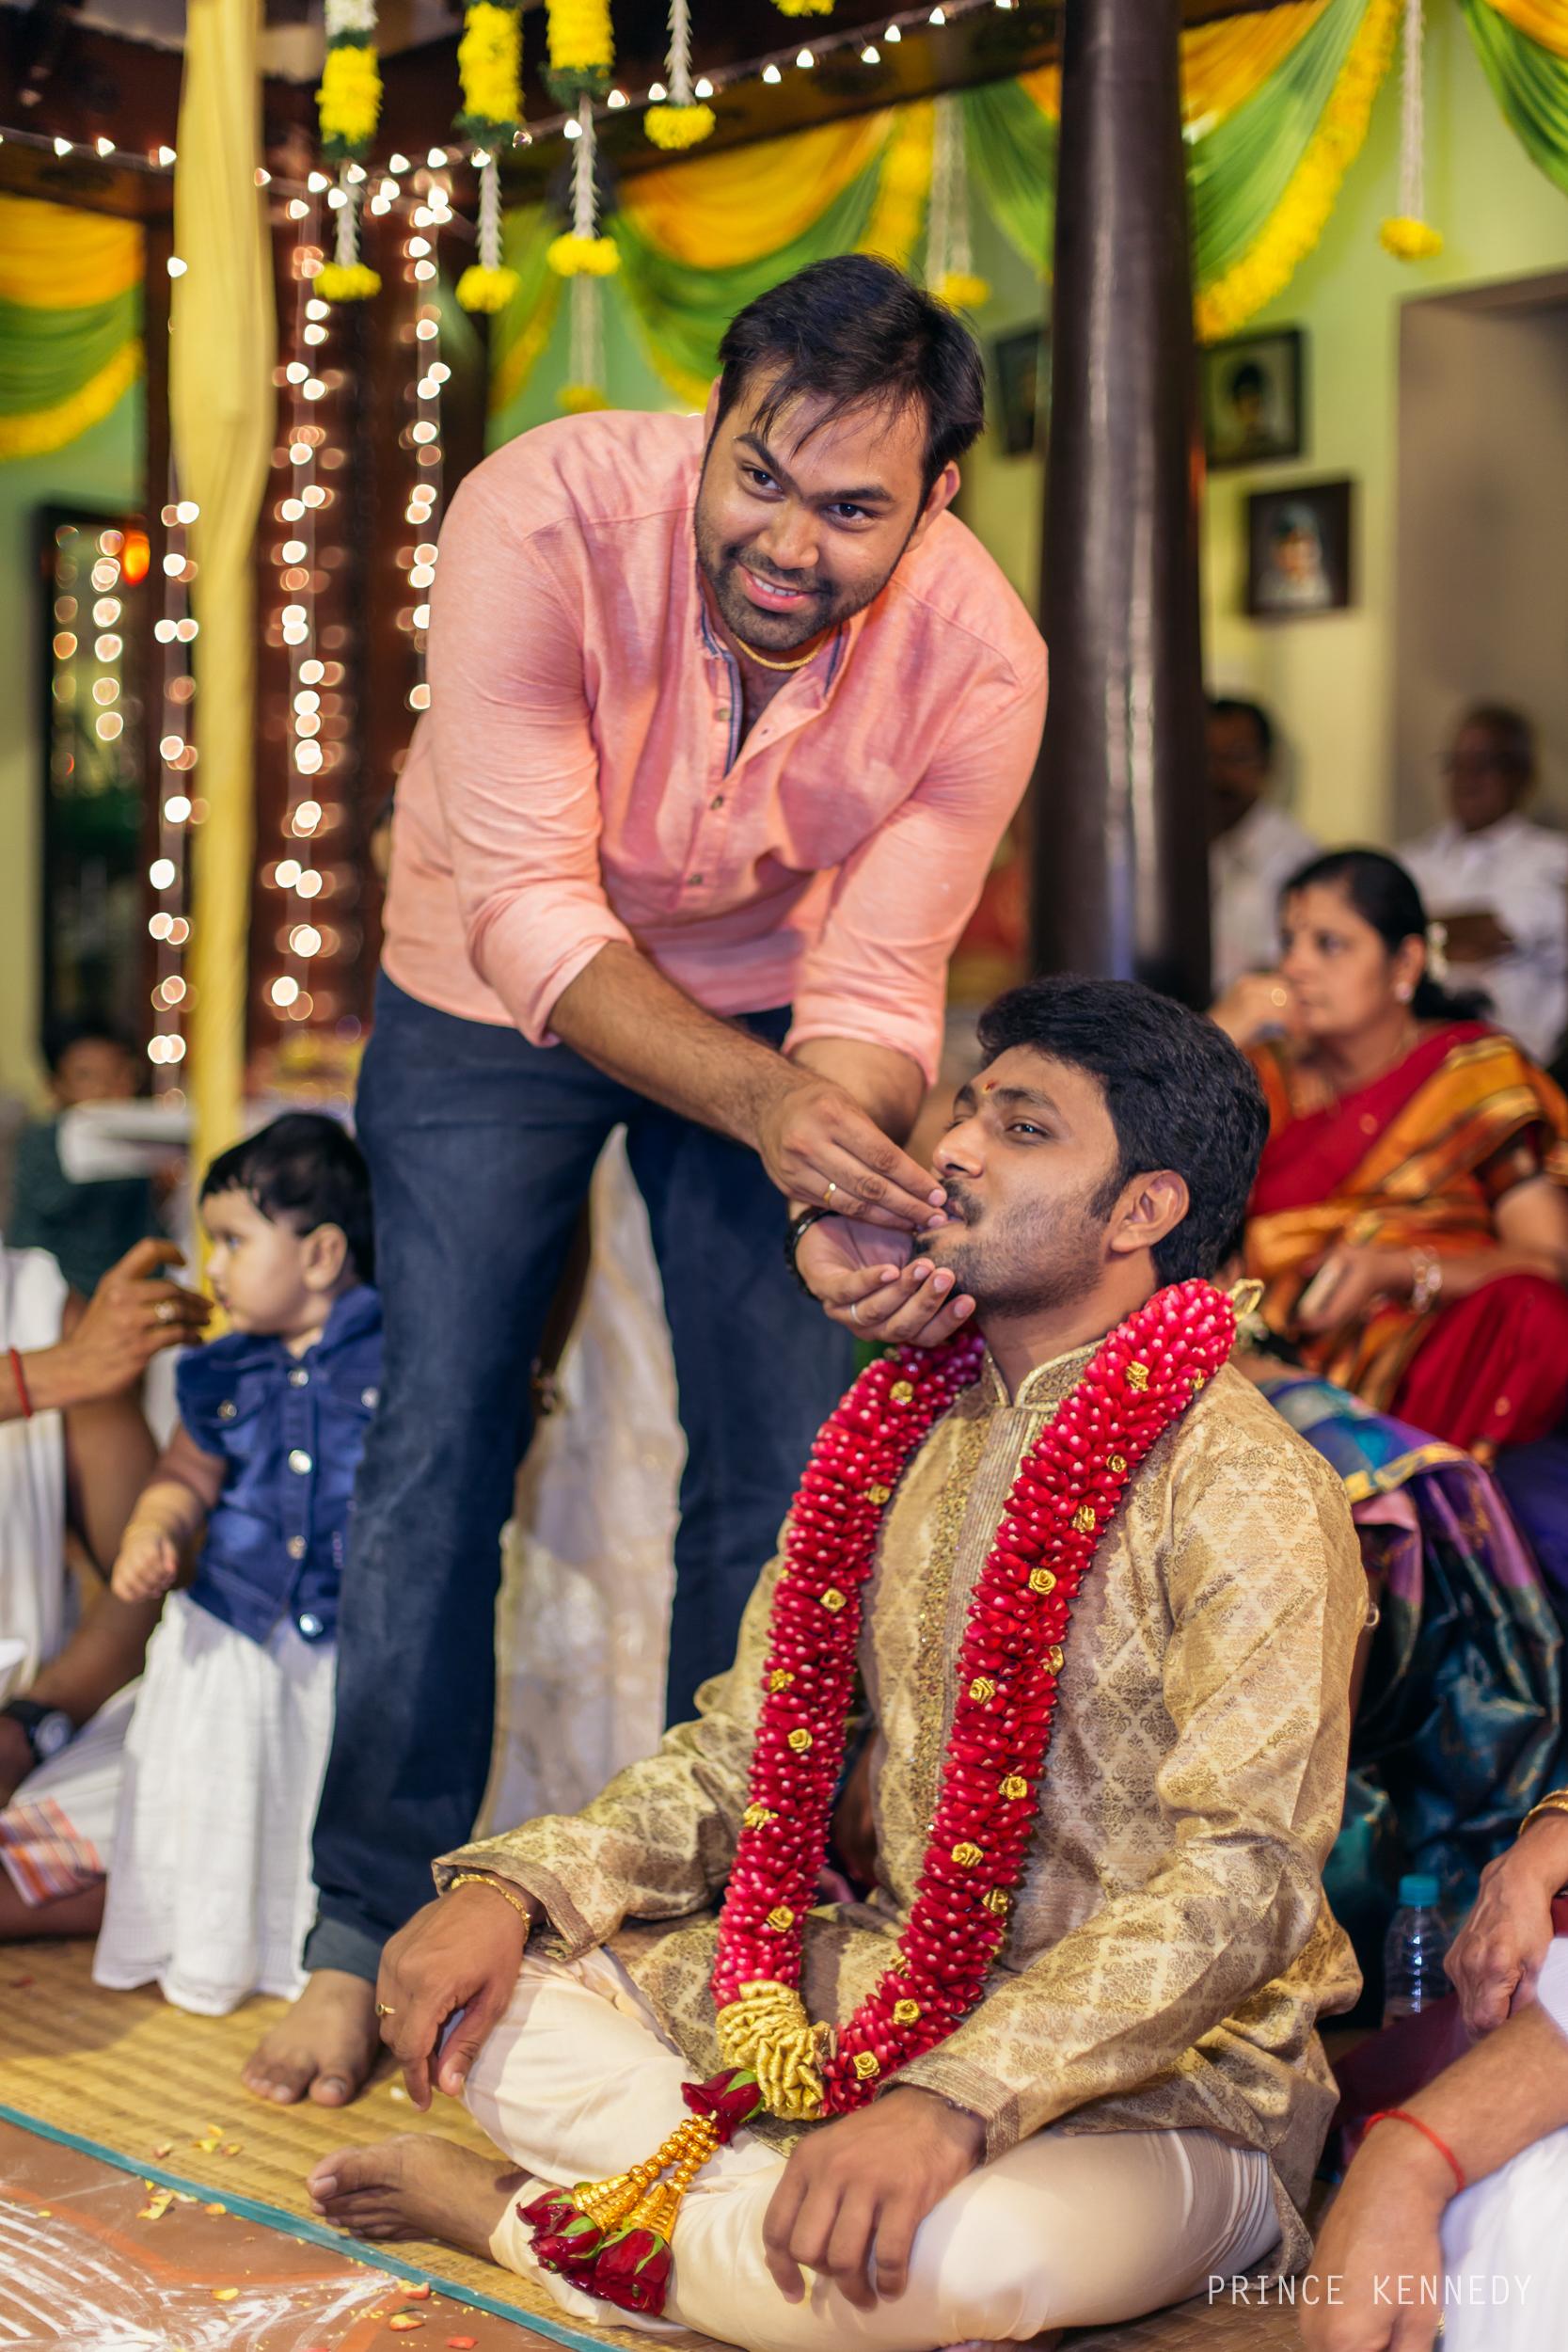 Engagement-Couple-Portrait-Portraiture-Wedding-Couple-Portrait-Chennai-Photographer-Candid-Photography-Destination-Best-Prince-Kennedy-Photography-203.jpg